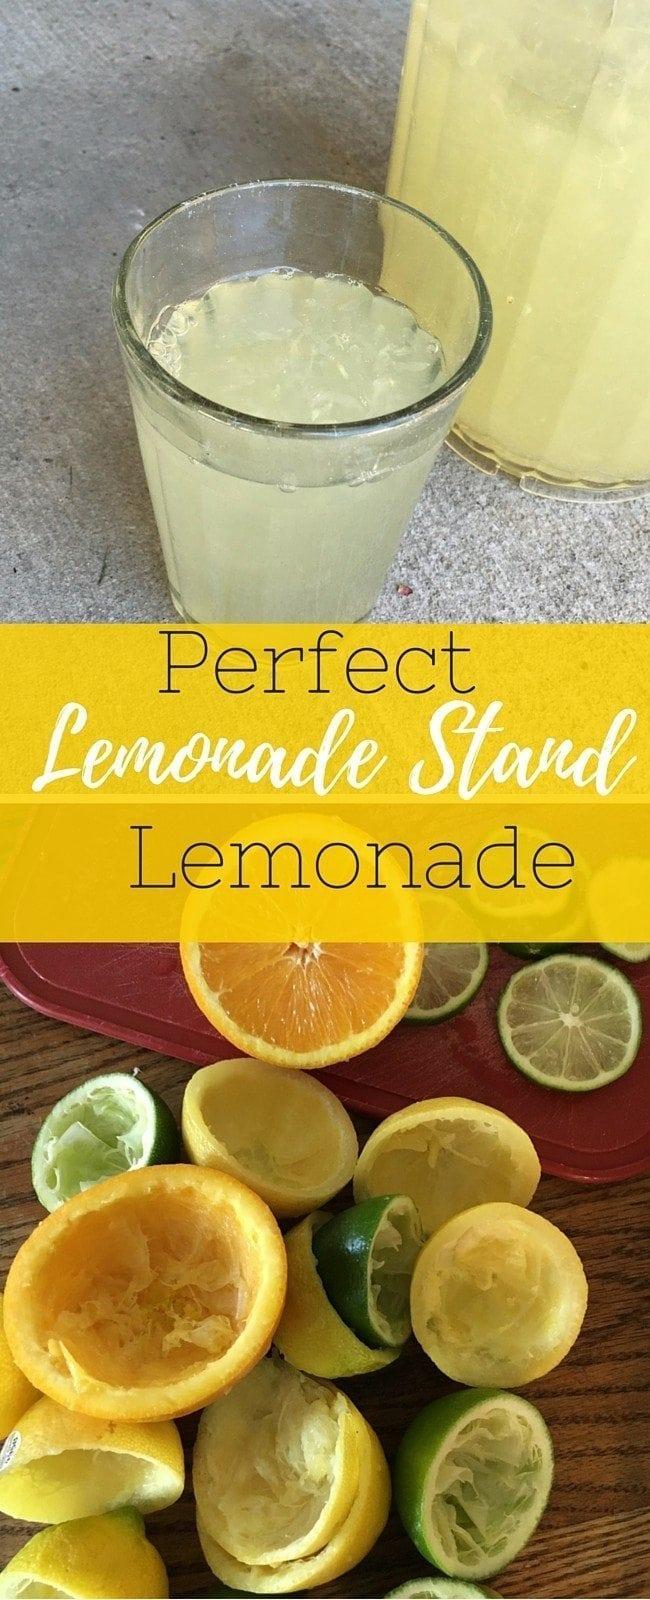 Perfect Lemonade StandLemonade